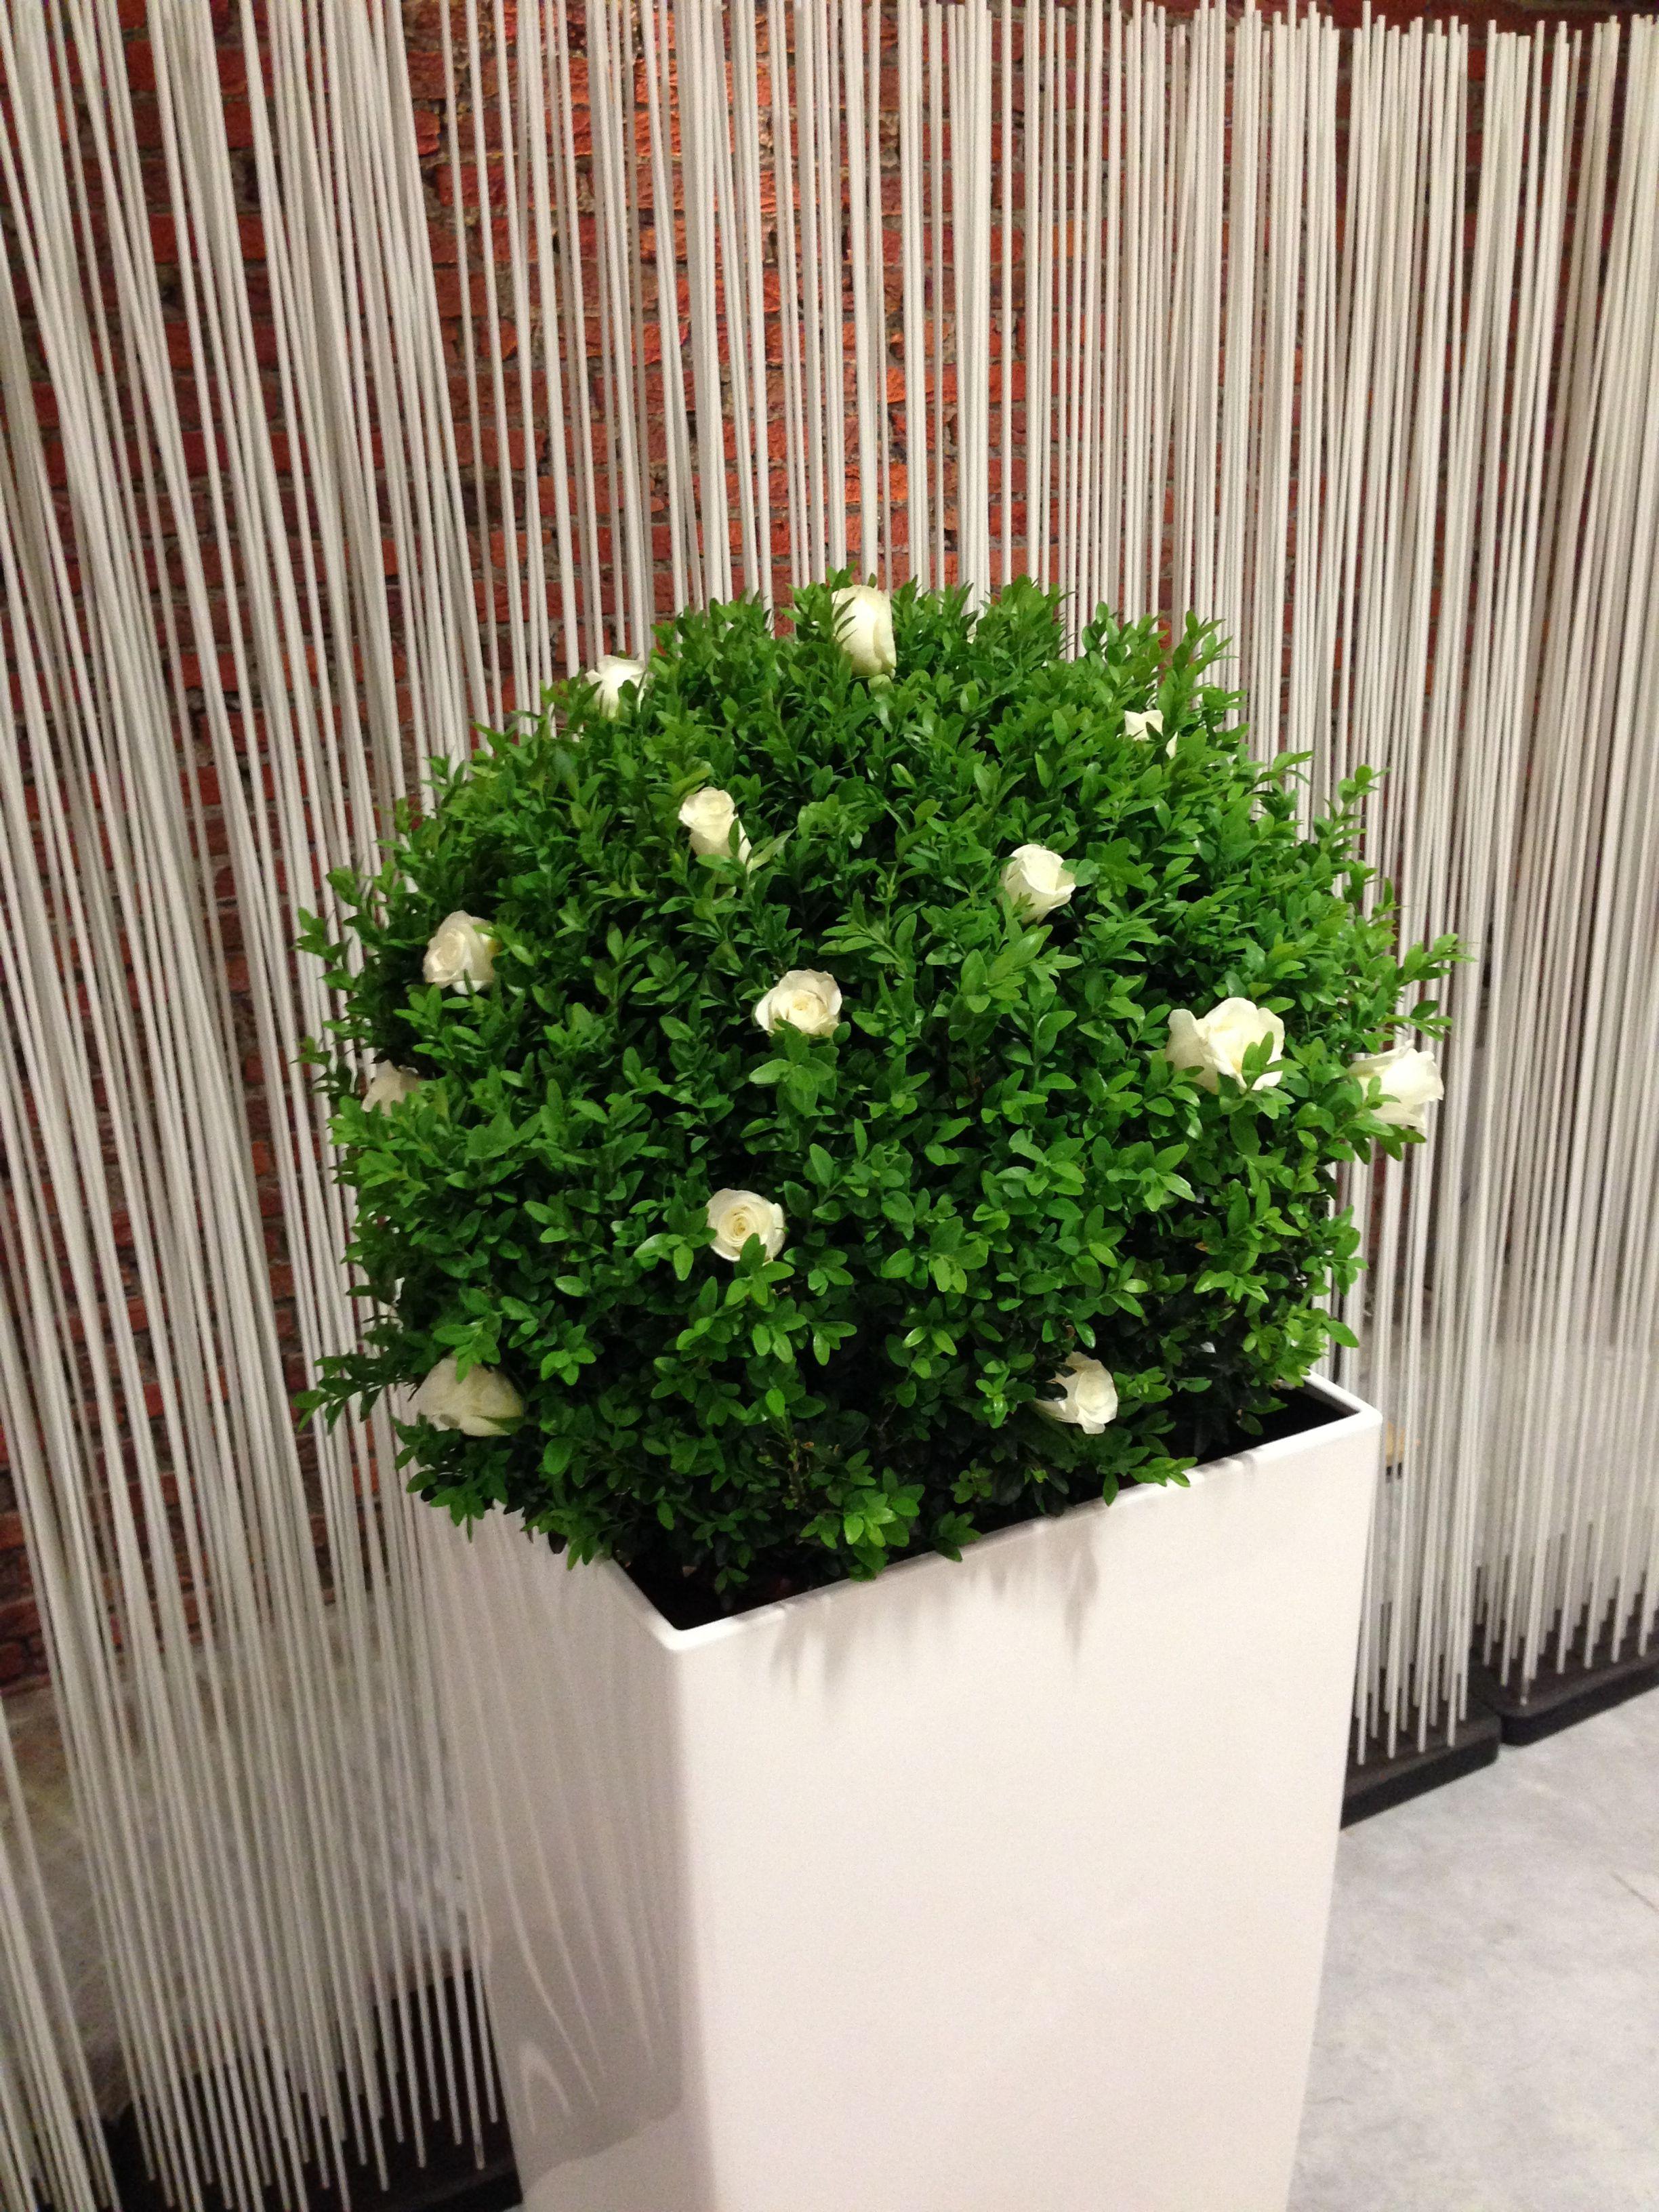 Zaaldecoratie Tafeldecoratie Huwelijk Trouw Huwelijk Trouwen Planten